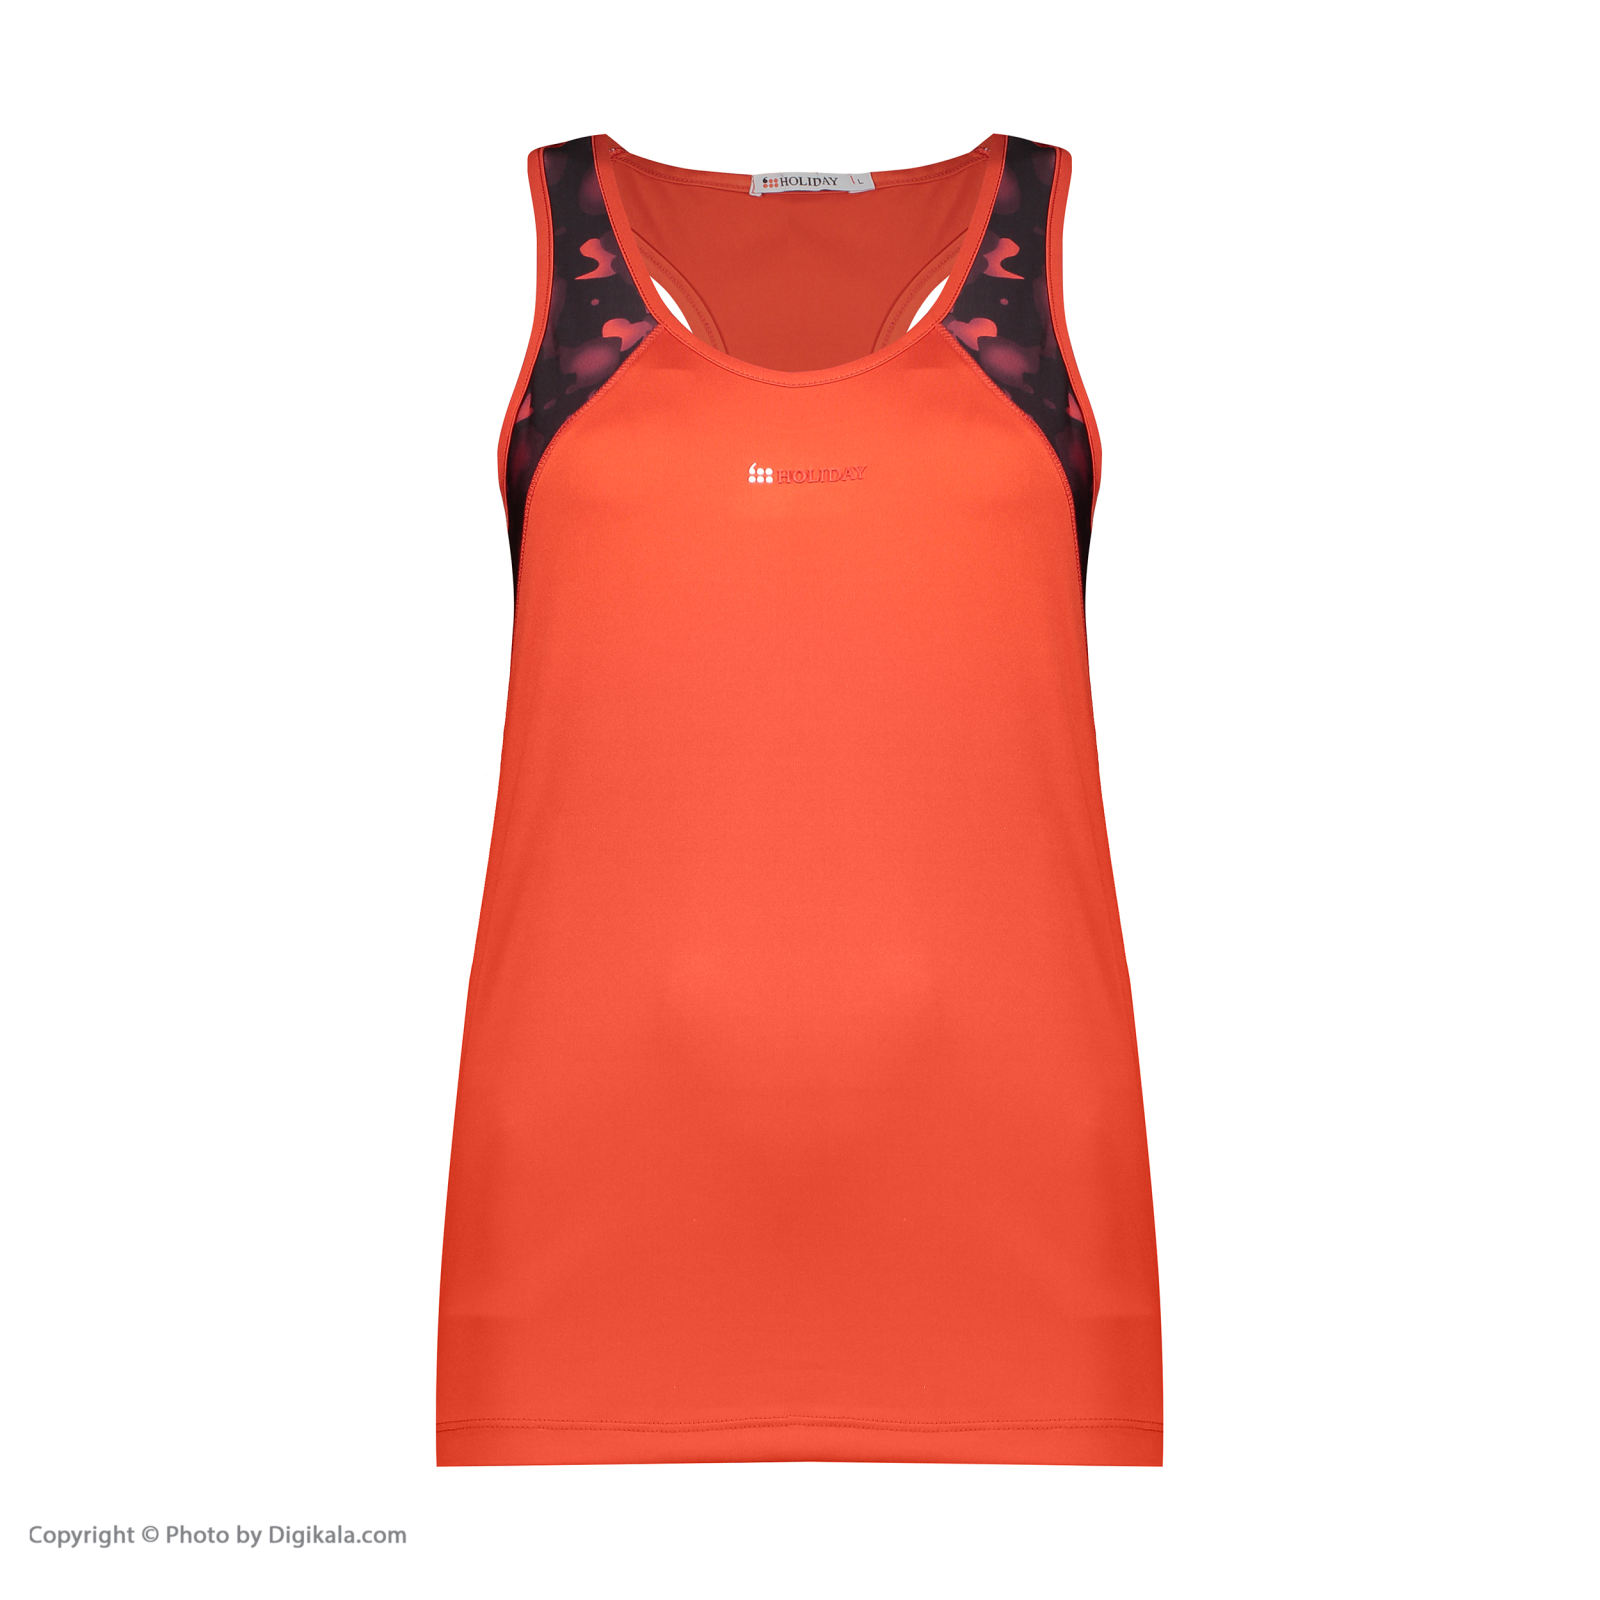 تاپ ورزشی زنانه هالیدی مدل 854902-red main 1 1